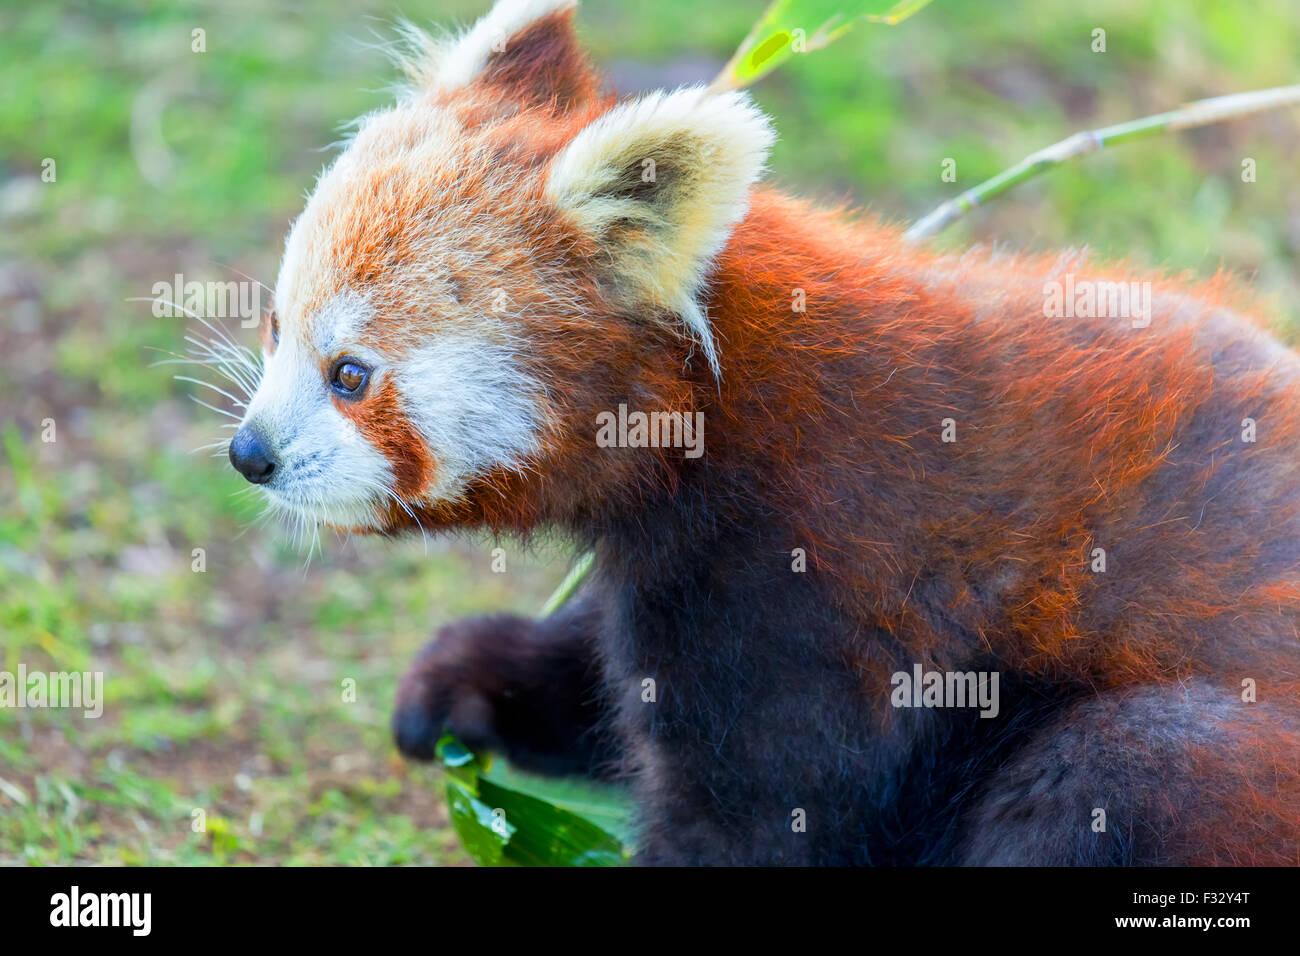 Panda rosso: molto carino panda rosso di mangiare le foglie verdi. Immagini Stock